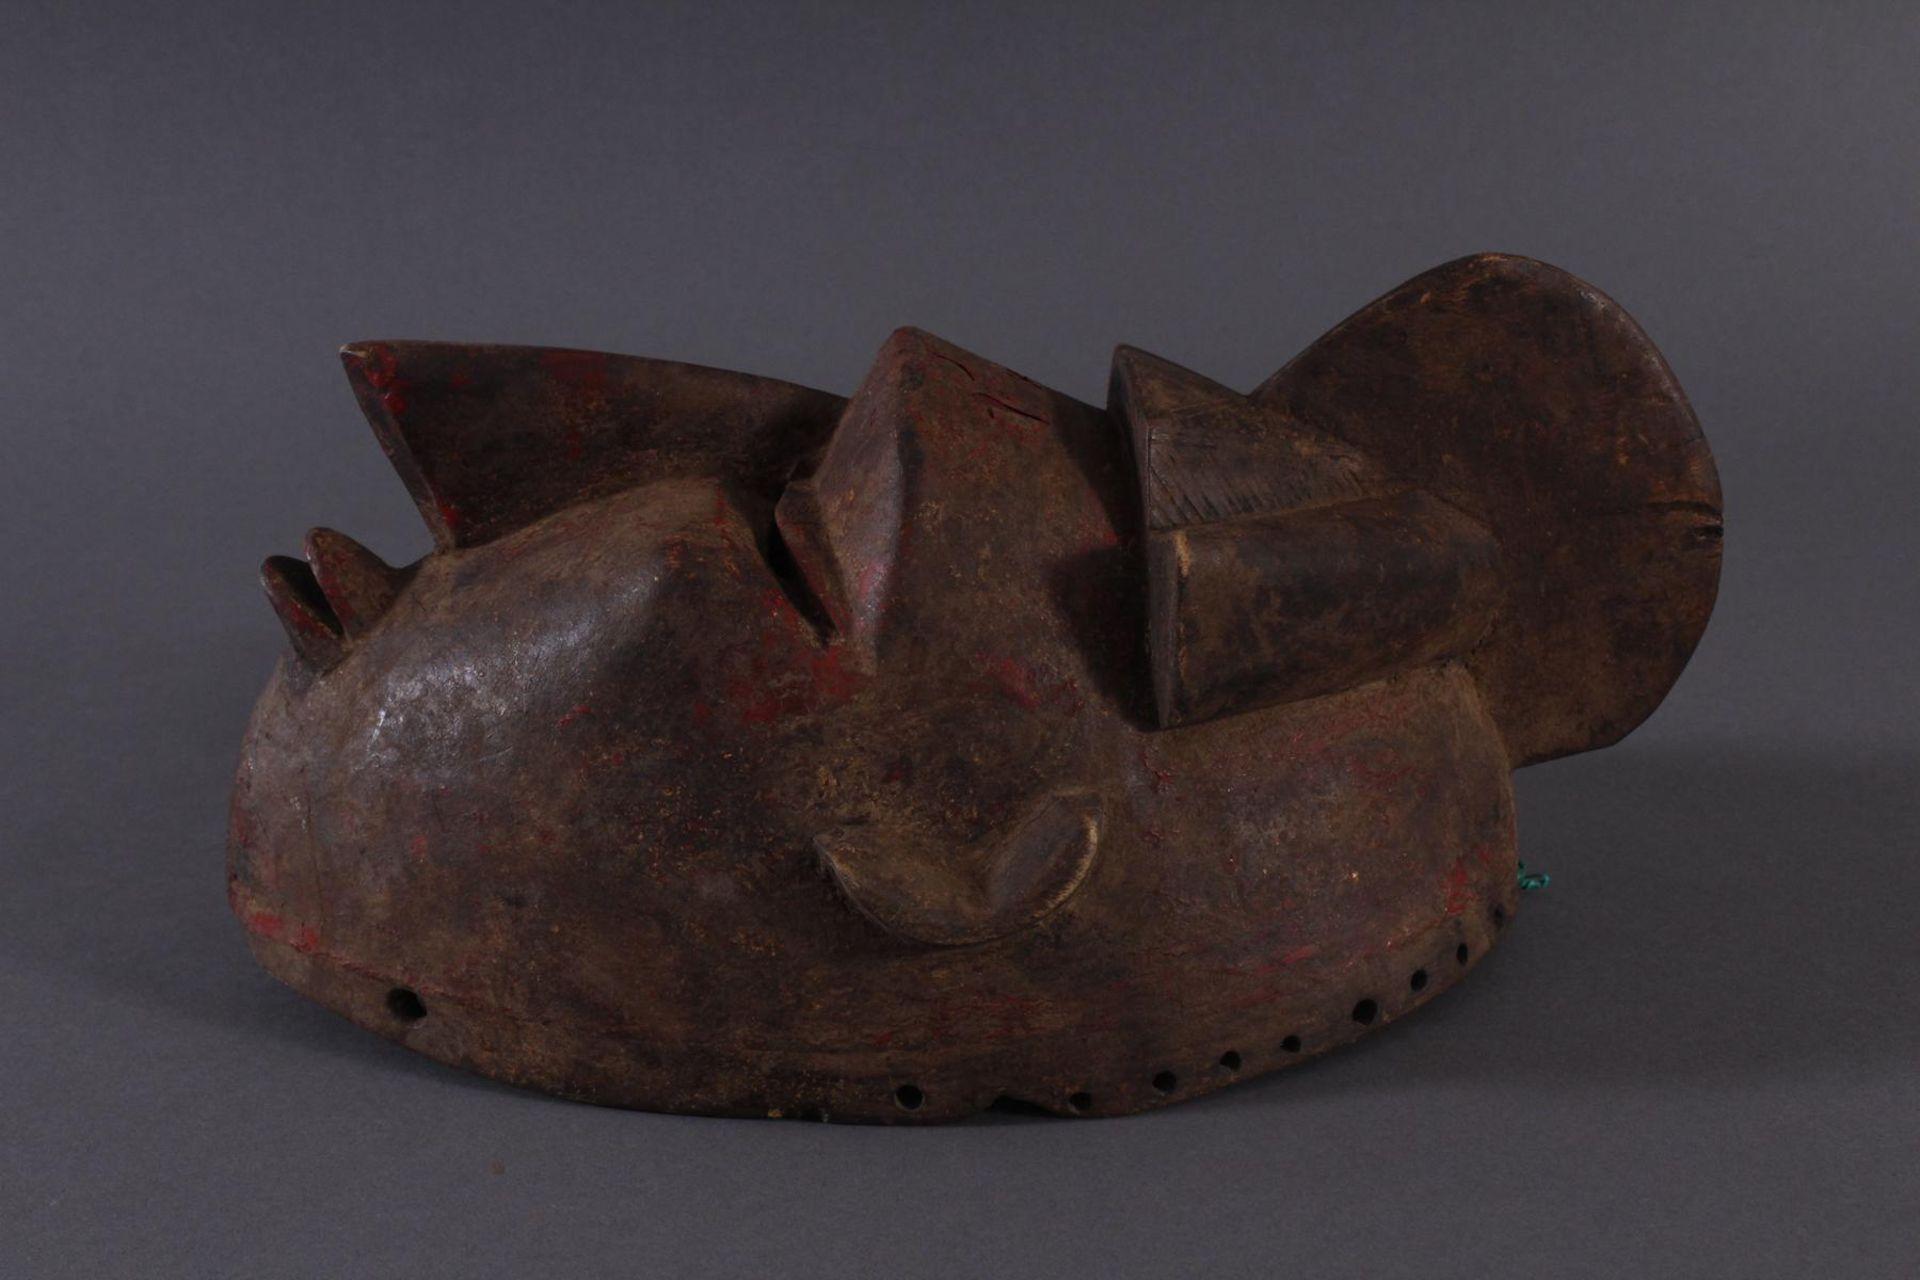 Antike Maske, Baule, Elfenbeinküste 1. Hälfte 20. Jh.Holz geschnitzt,dunkle Patina, Reste von - Bild 3 aus 6